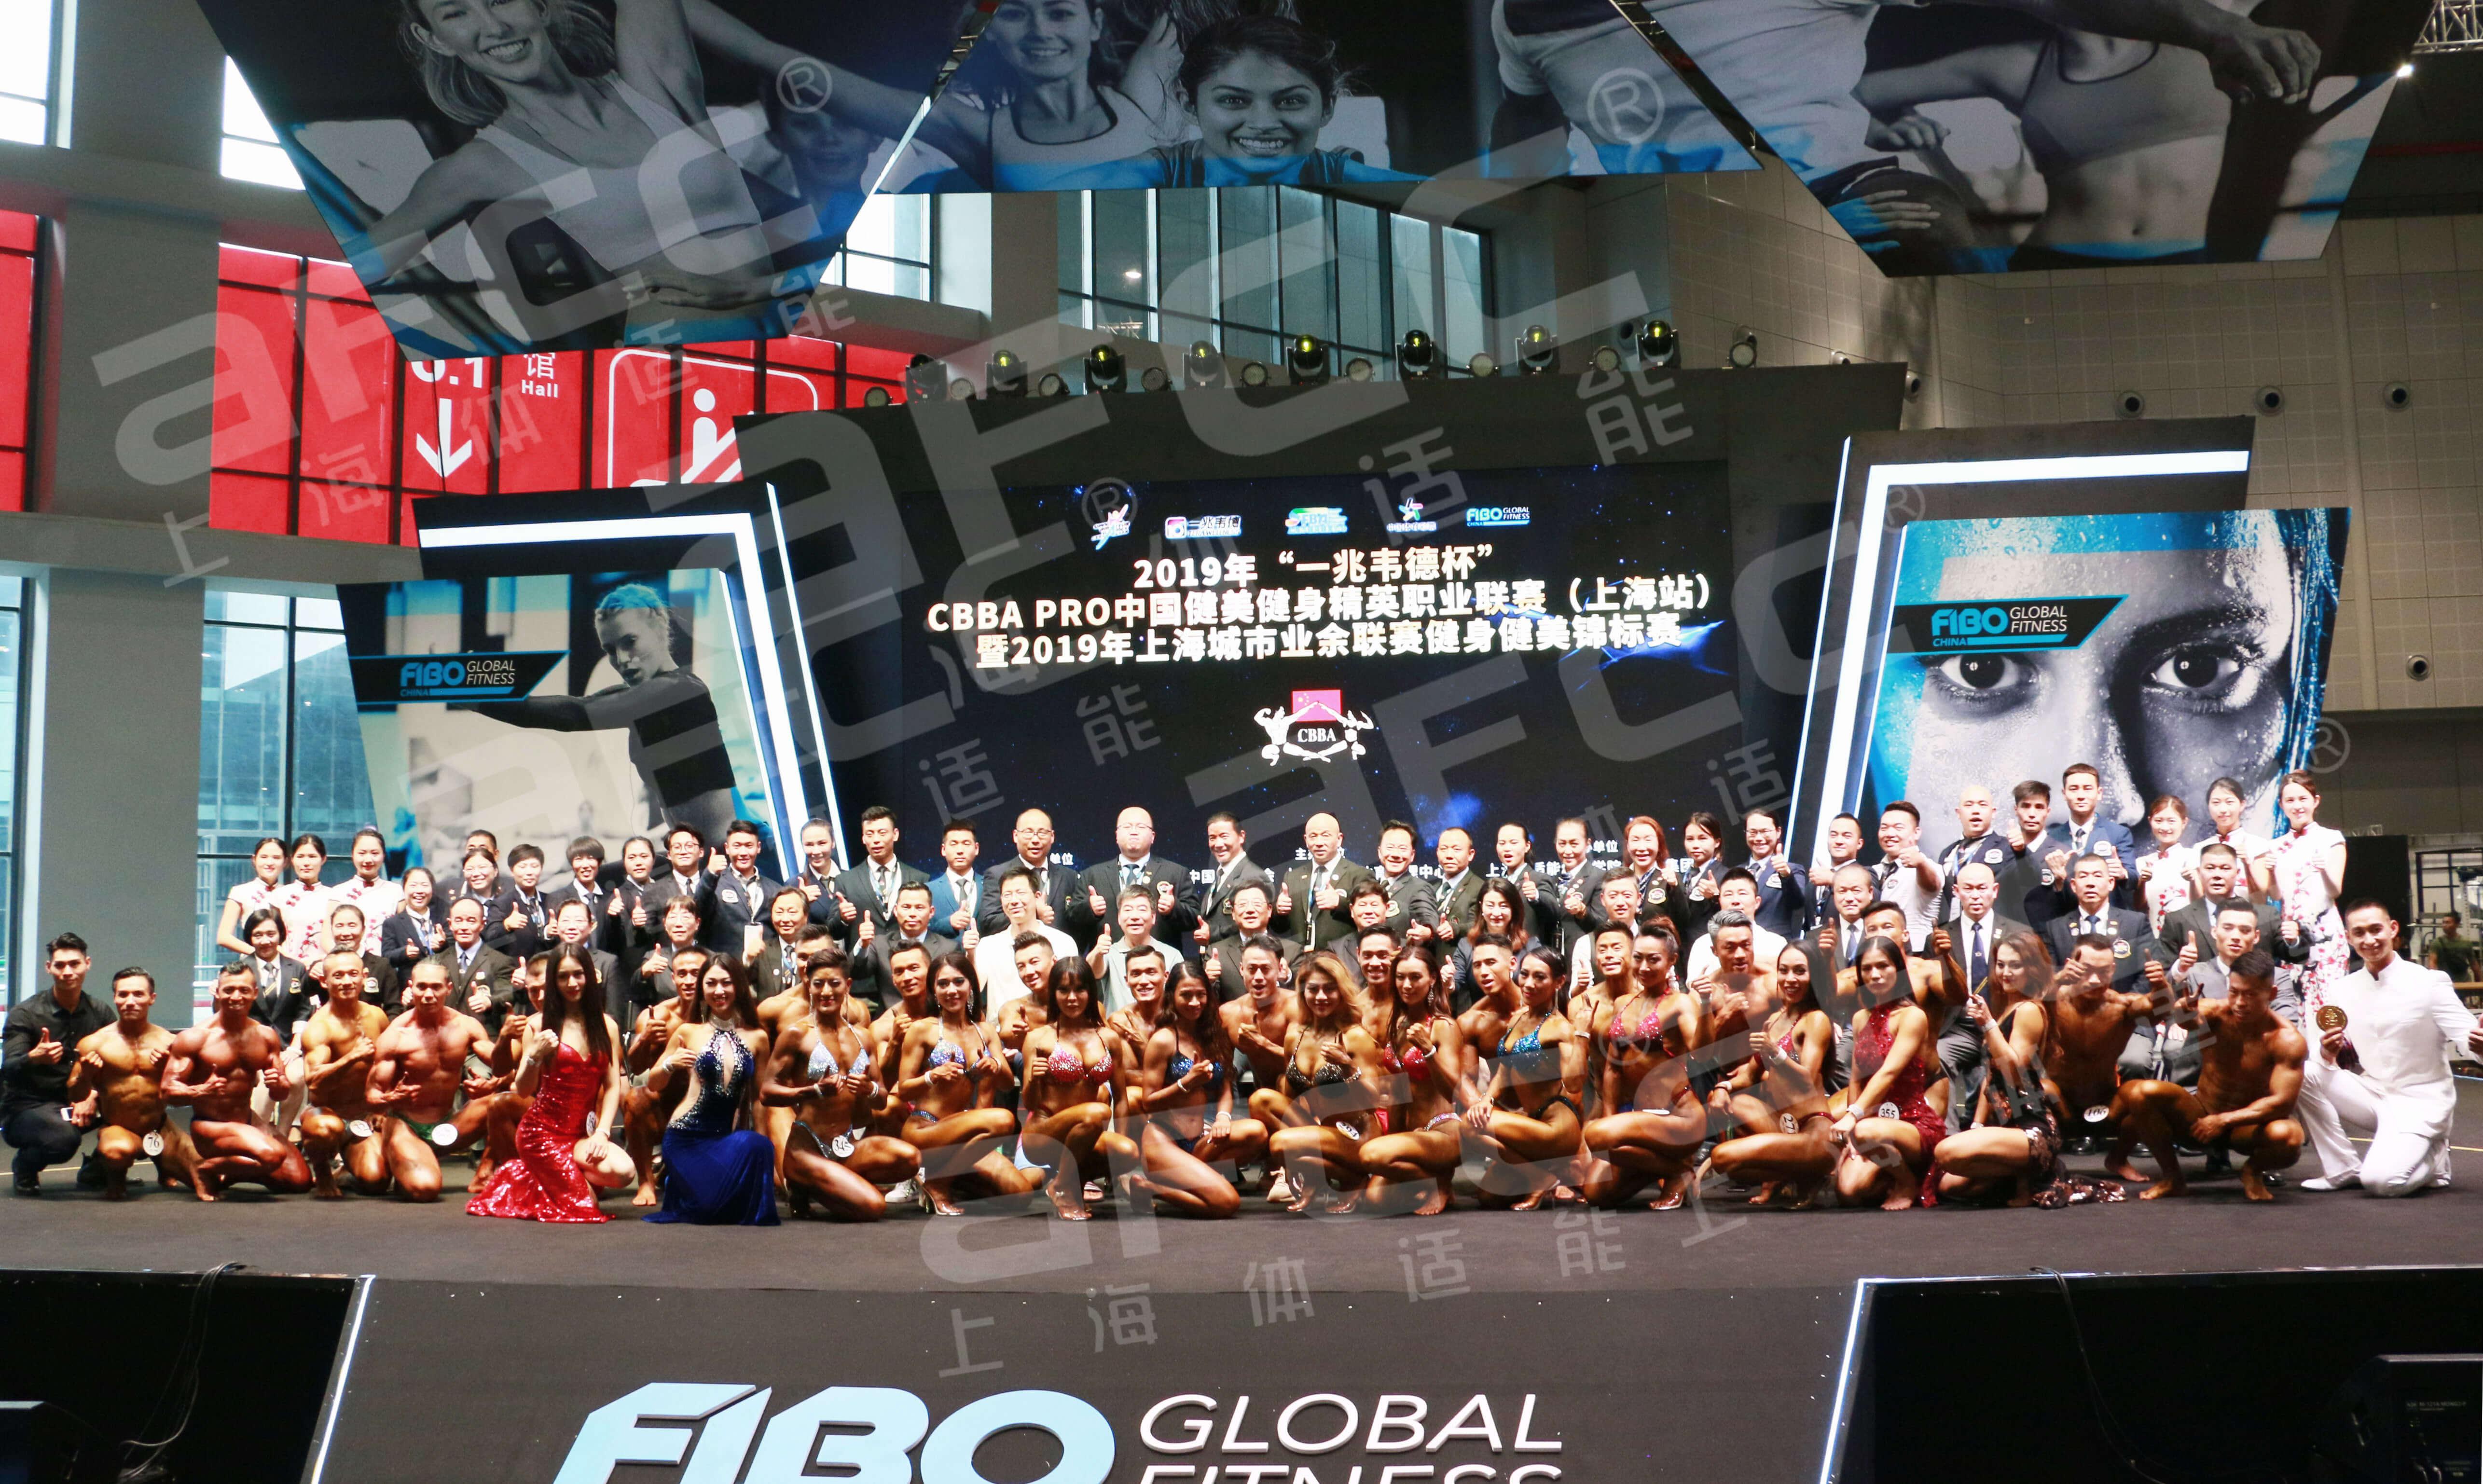 """2019""""一兆韦德杯""""CBBA PRO 中国健美健身精英职业联赛(上海站)"""